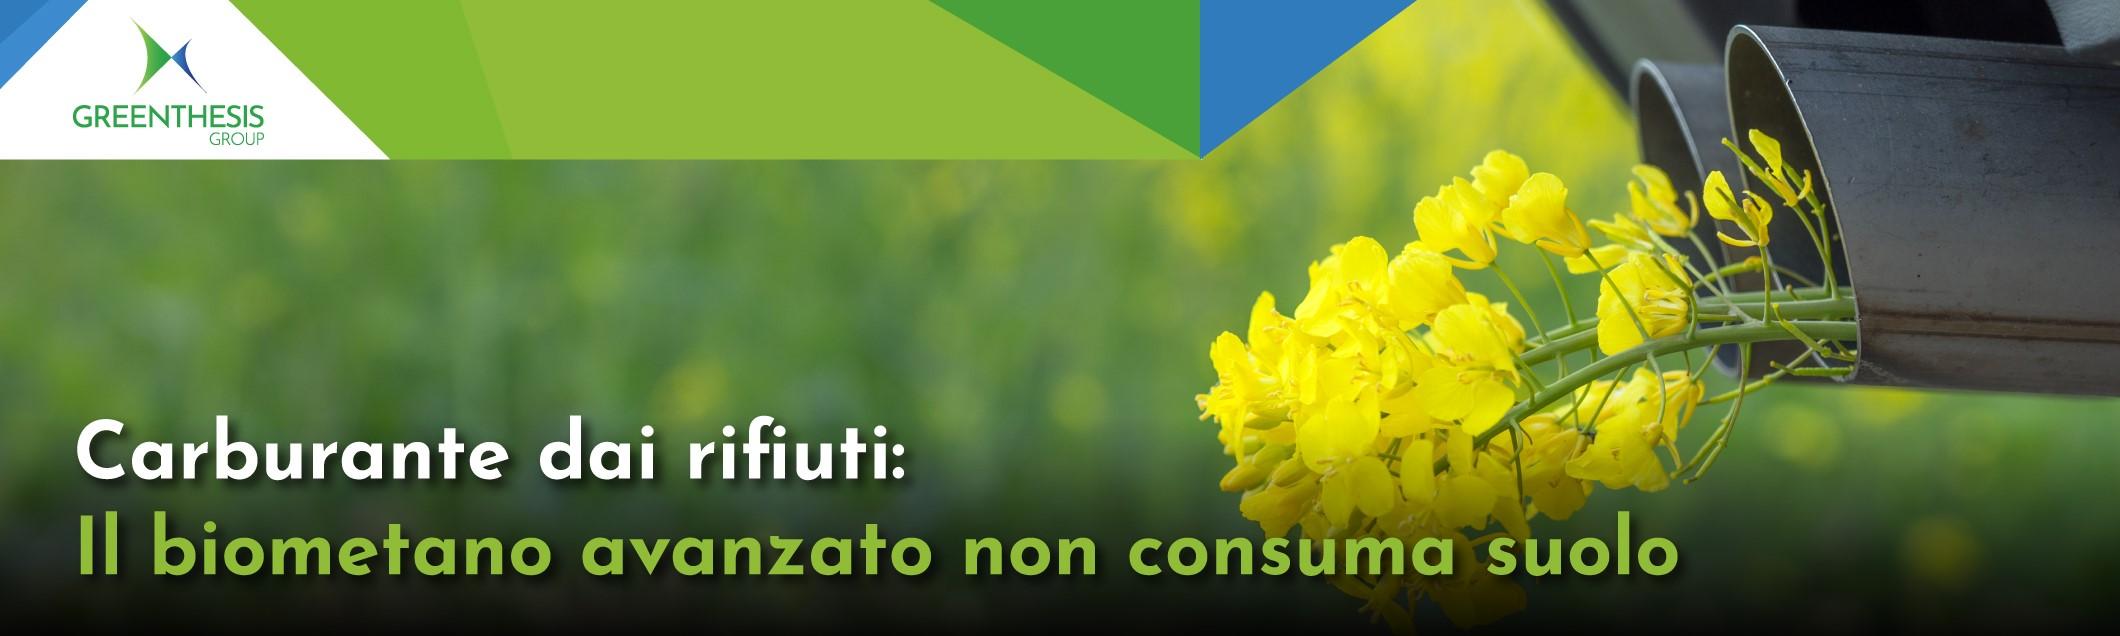 Carburante dai rifiuti: Il biometano avanzato non consuma suolo